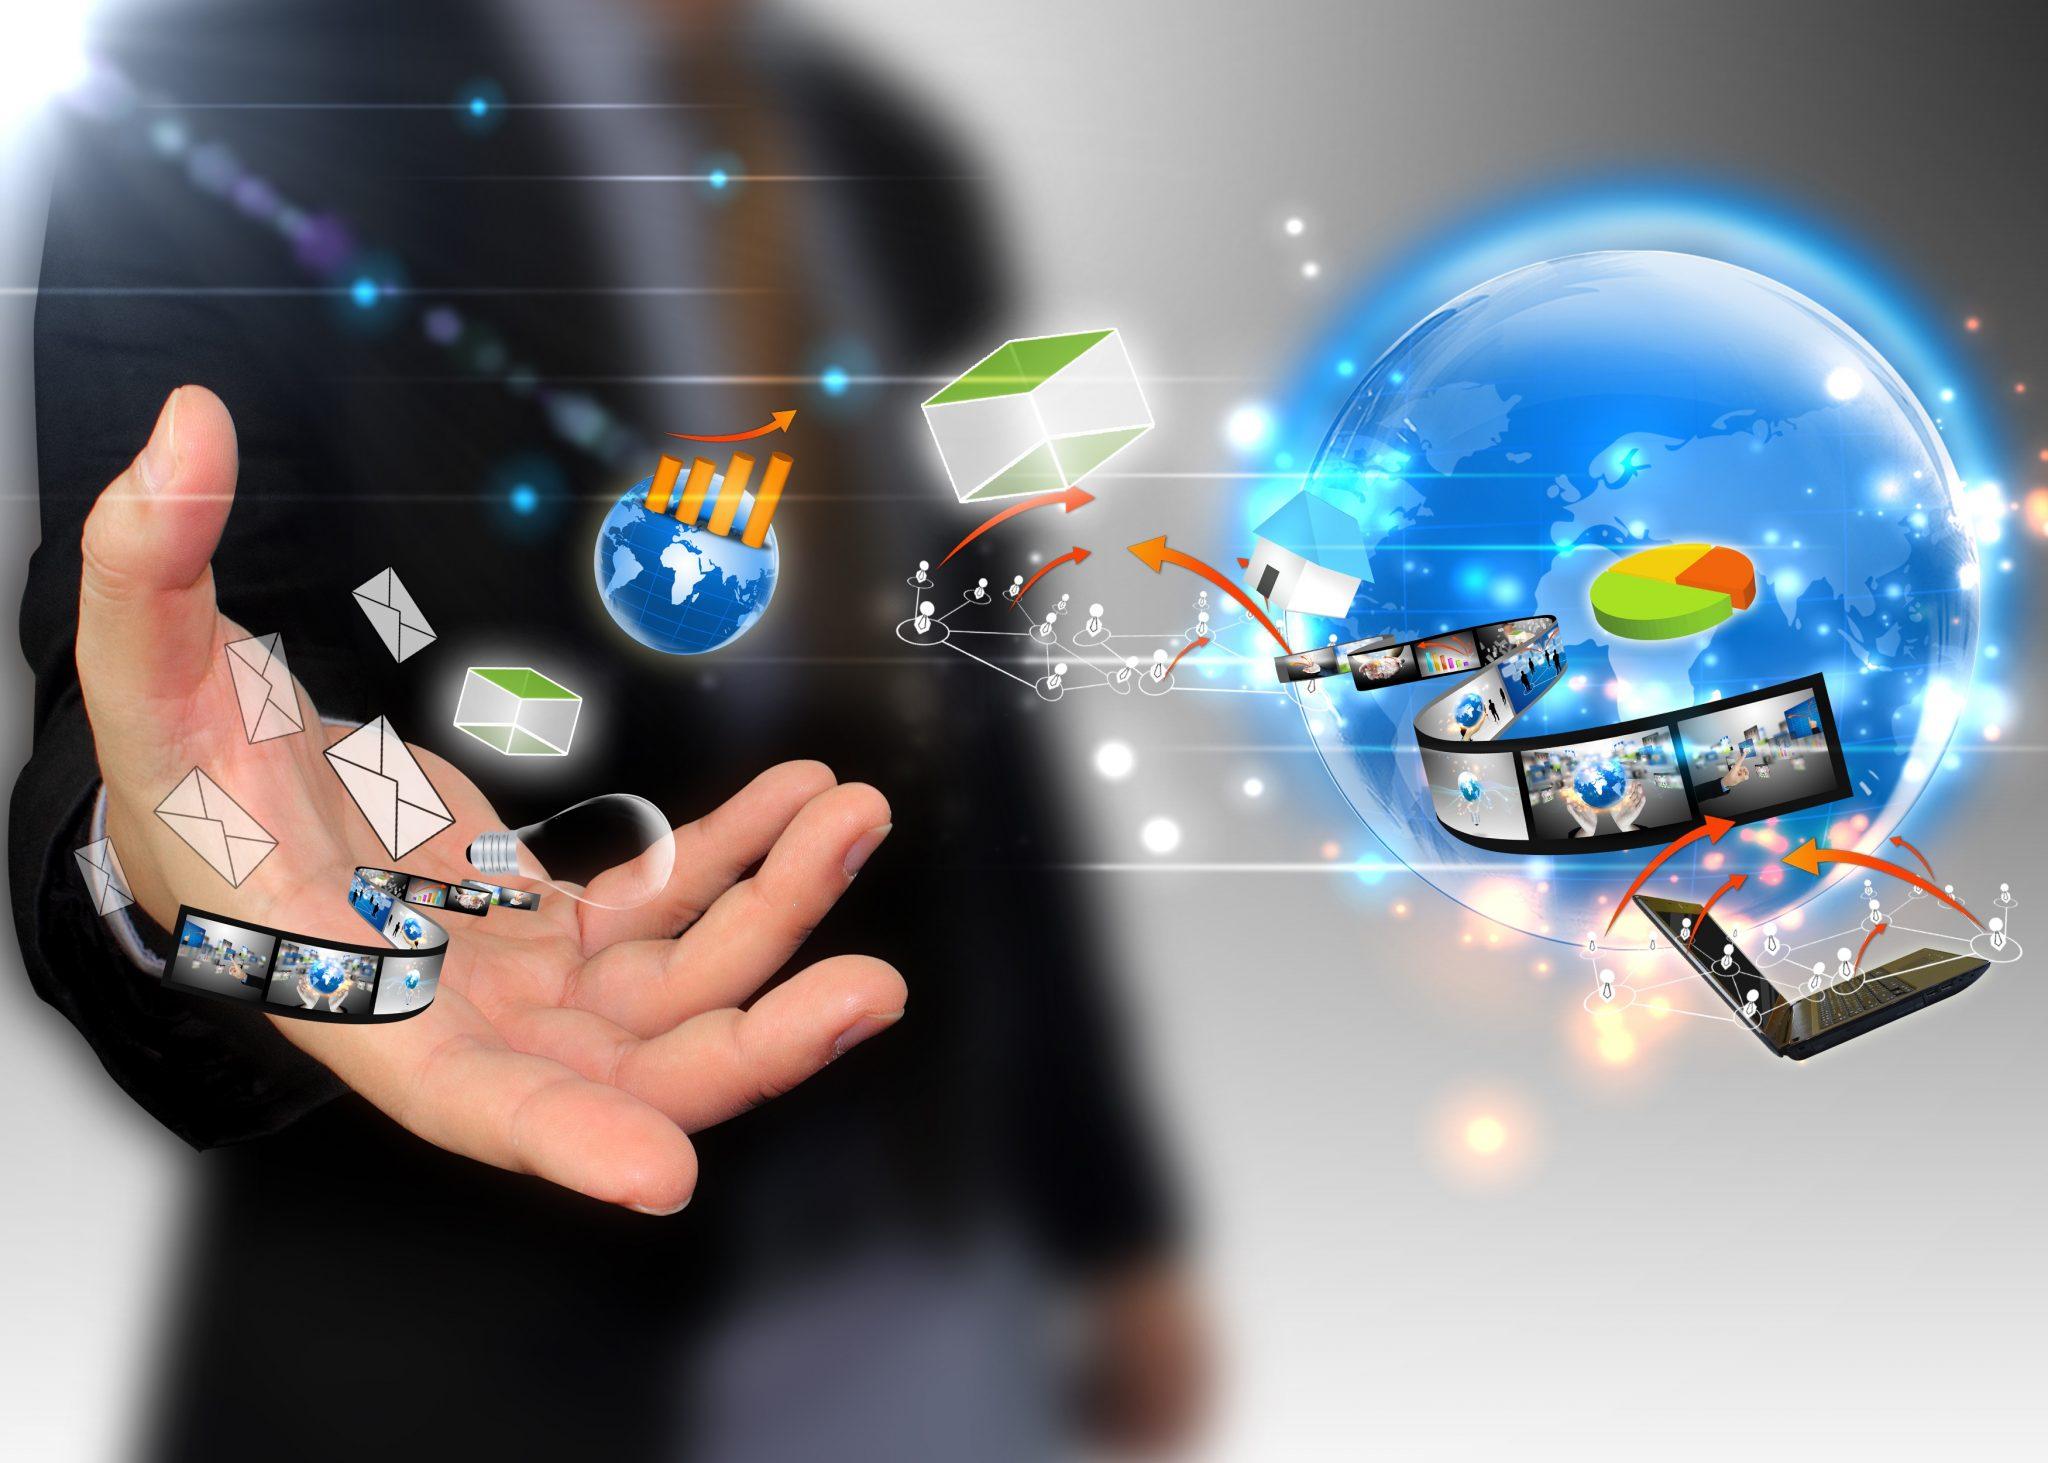 Цифровизация в РФ: новый путь или угроза? (часть 6)